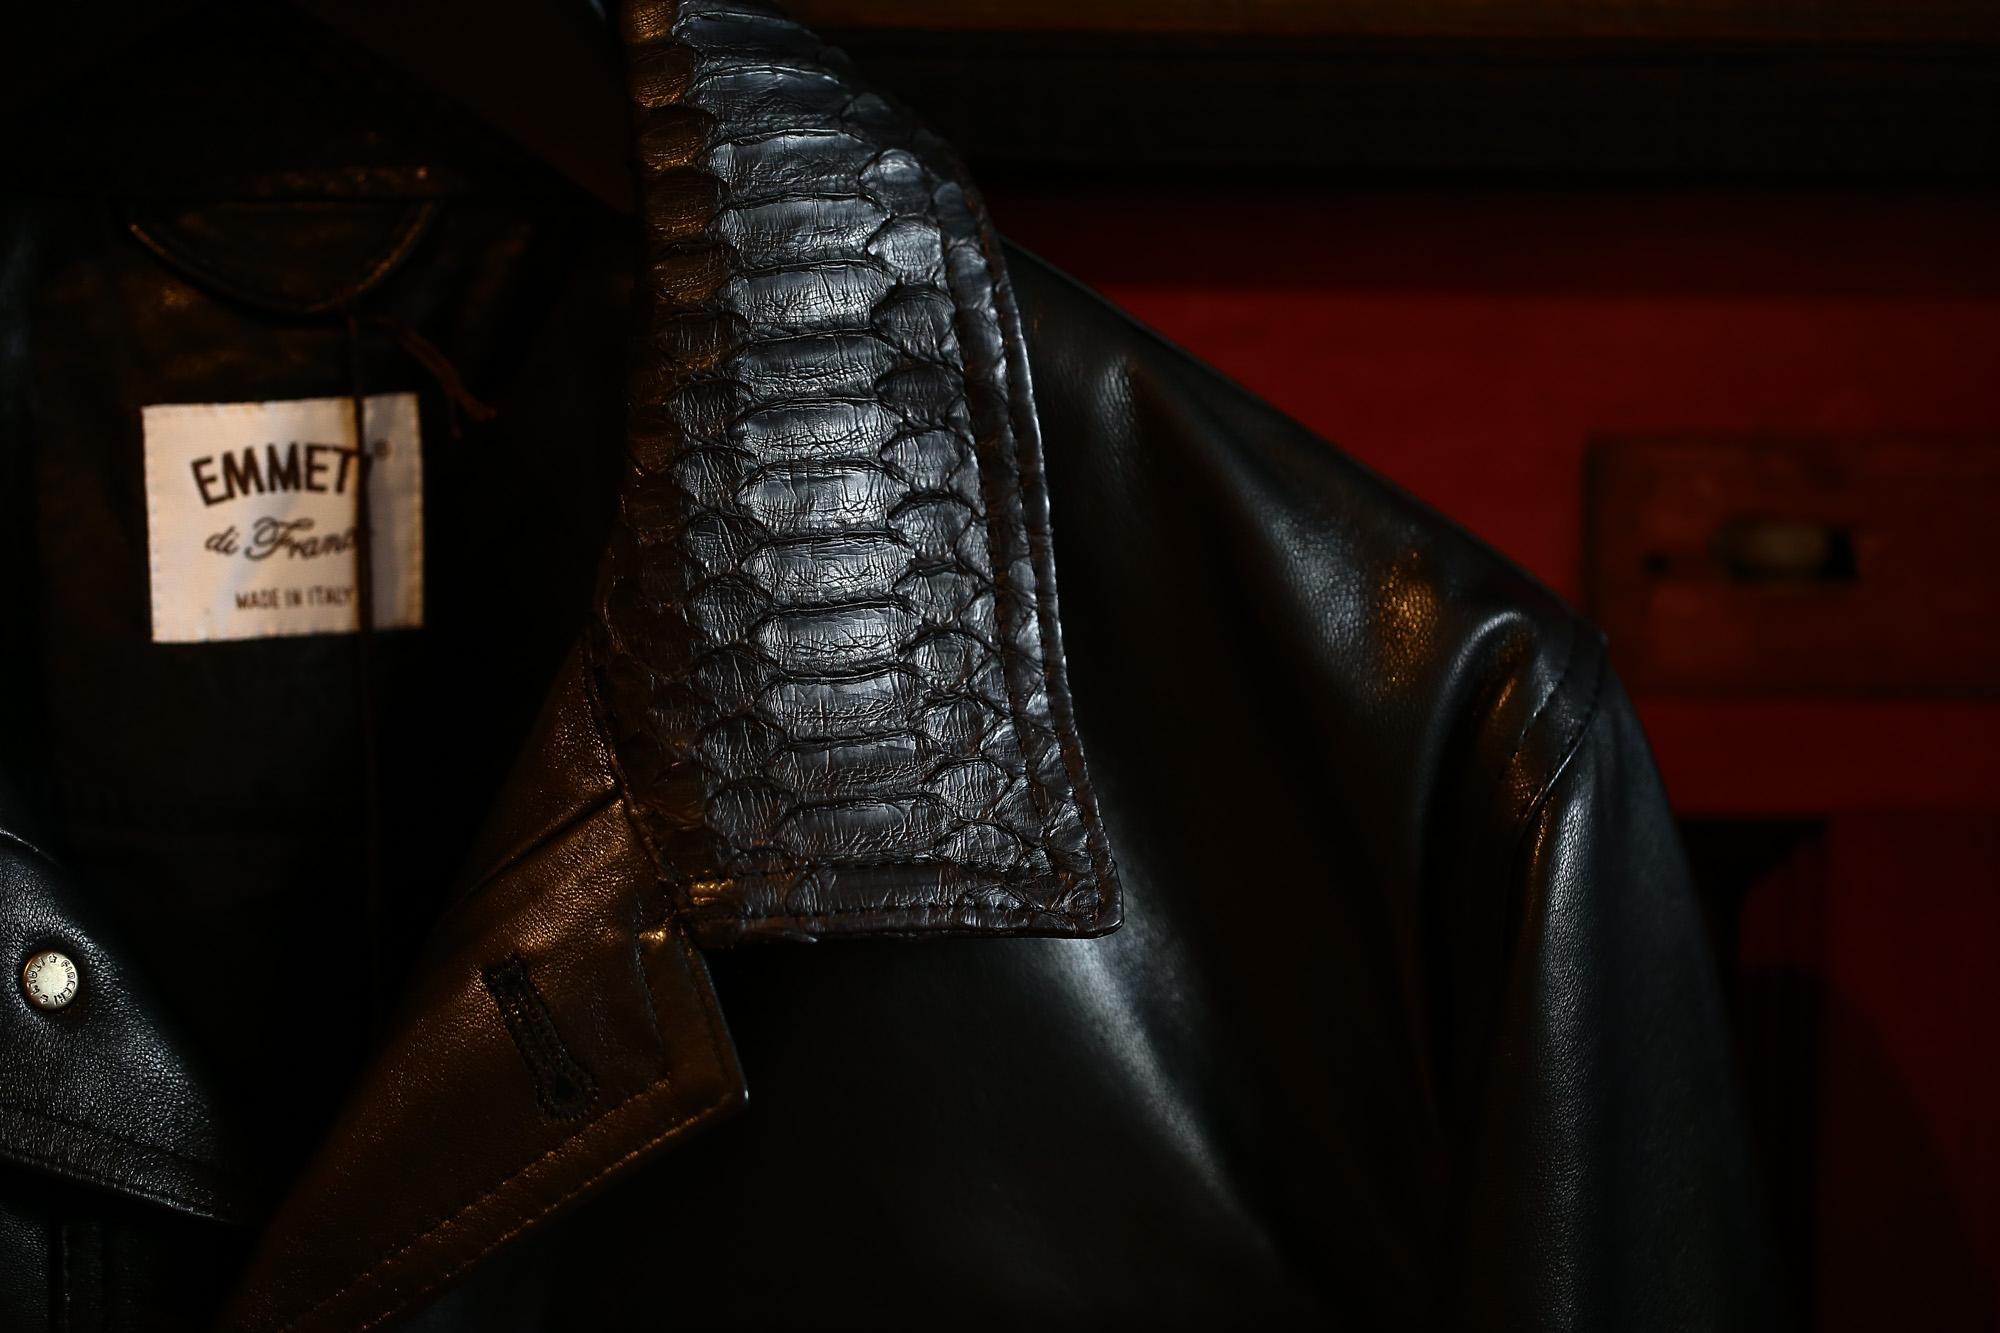 EMMETI (エンメティ) JAXON PITONE (ジャクソン ピトーネ) Lambskin Nappa Leather × Pitone Leather ラムナッパレザー × パイソンレザー ジャケット NERO (ブラック・190/1) Made in italy (イタリア製) 2018 秋冬 emmeti エンメティ レザー エキゾチックレザー パイソン ブラックパイソン 愛知 名古屋 Alto e Diritto アルト エ デリット 42,44,46,48,50,52